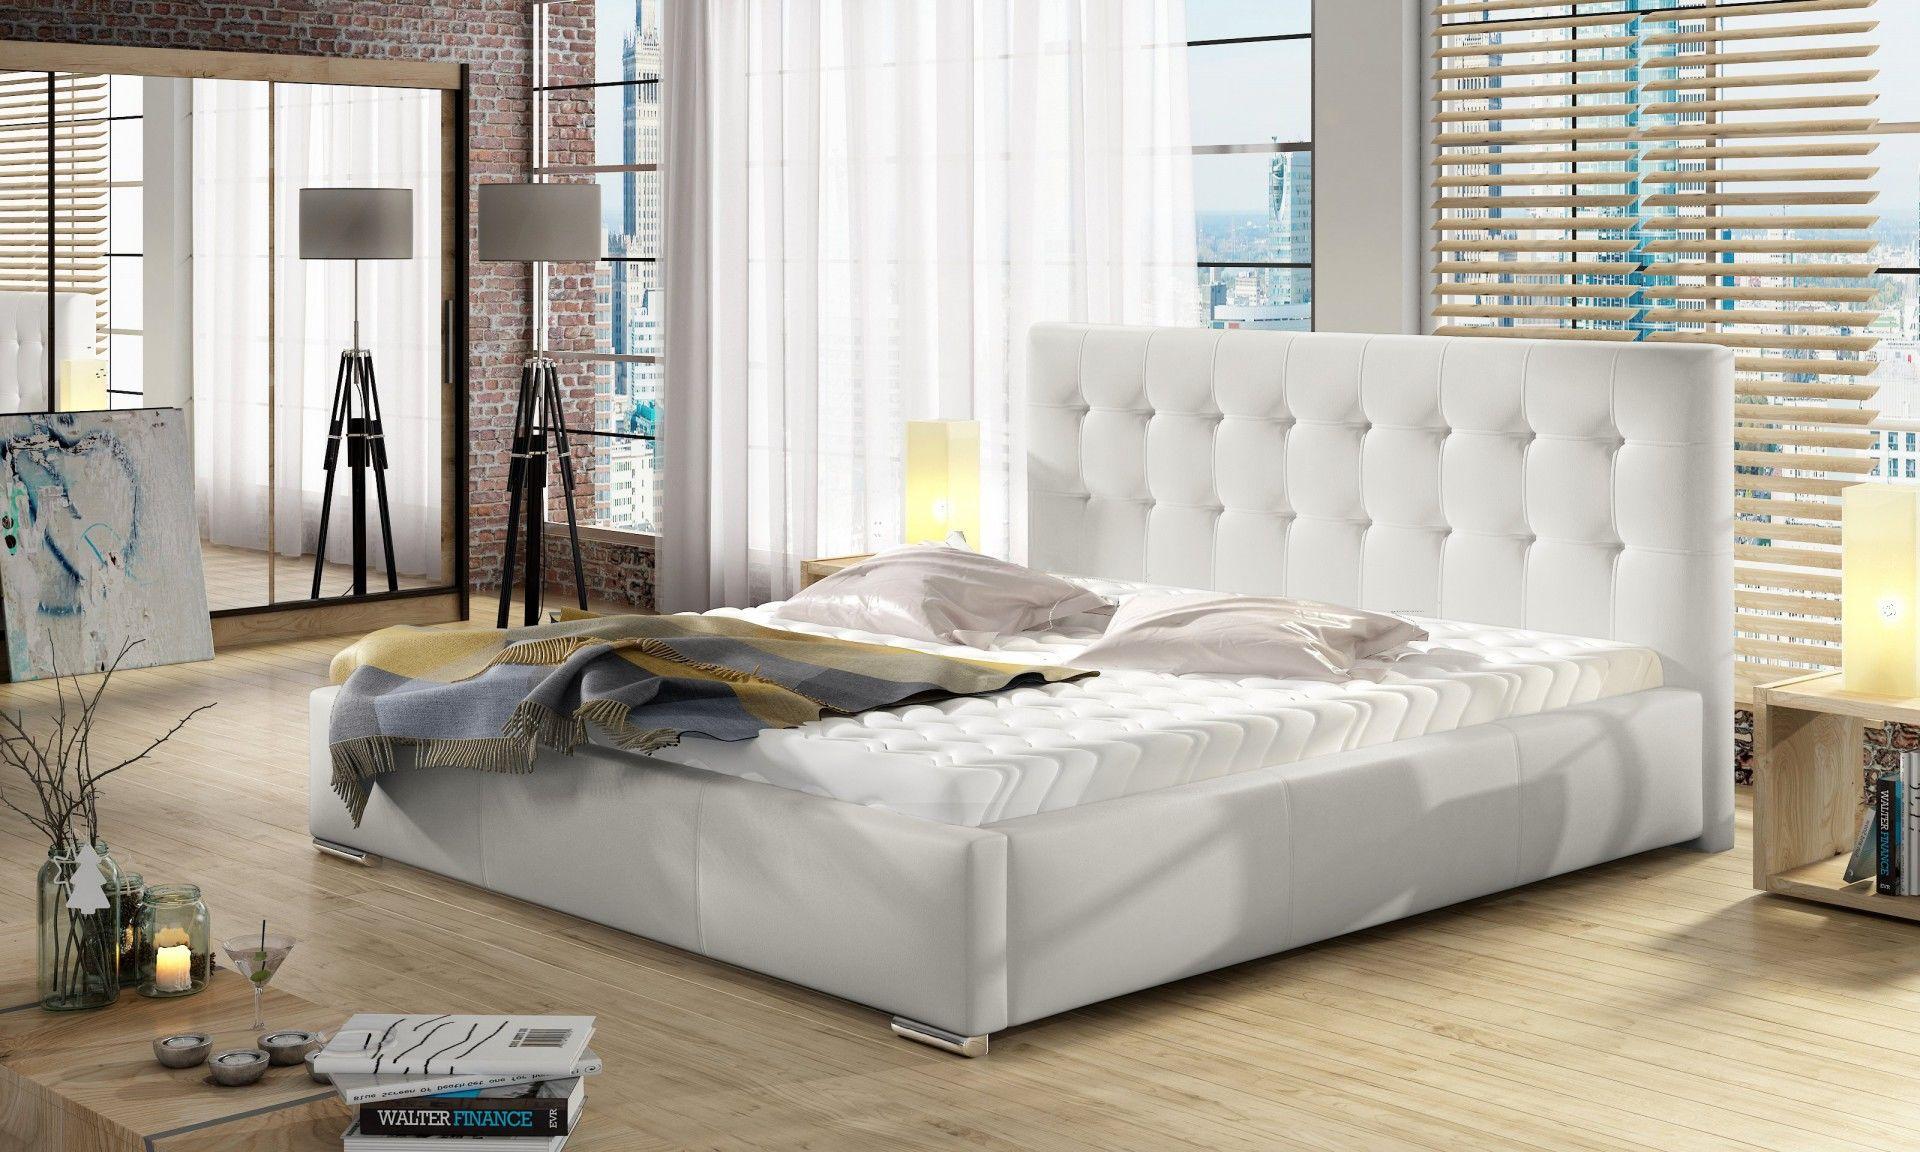 Łóżko DOLORES pod materac 90x200+ wysoki materac kieszeniowy SOGNATO + stelaż Simpack